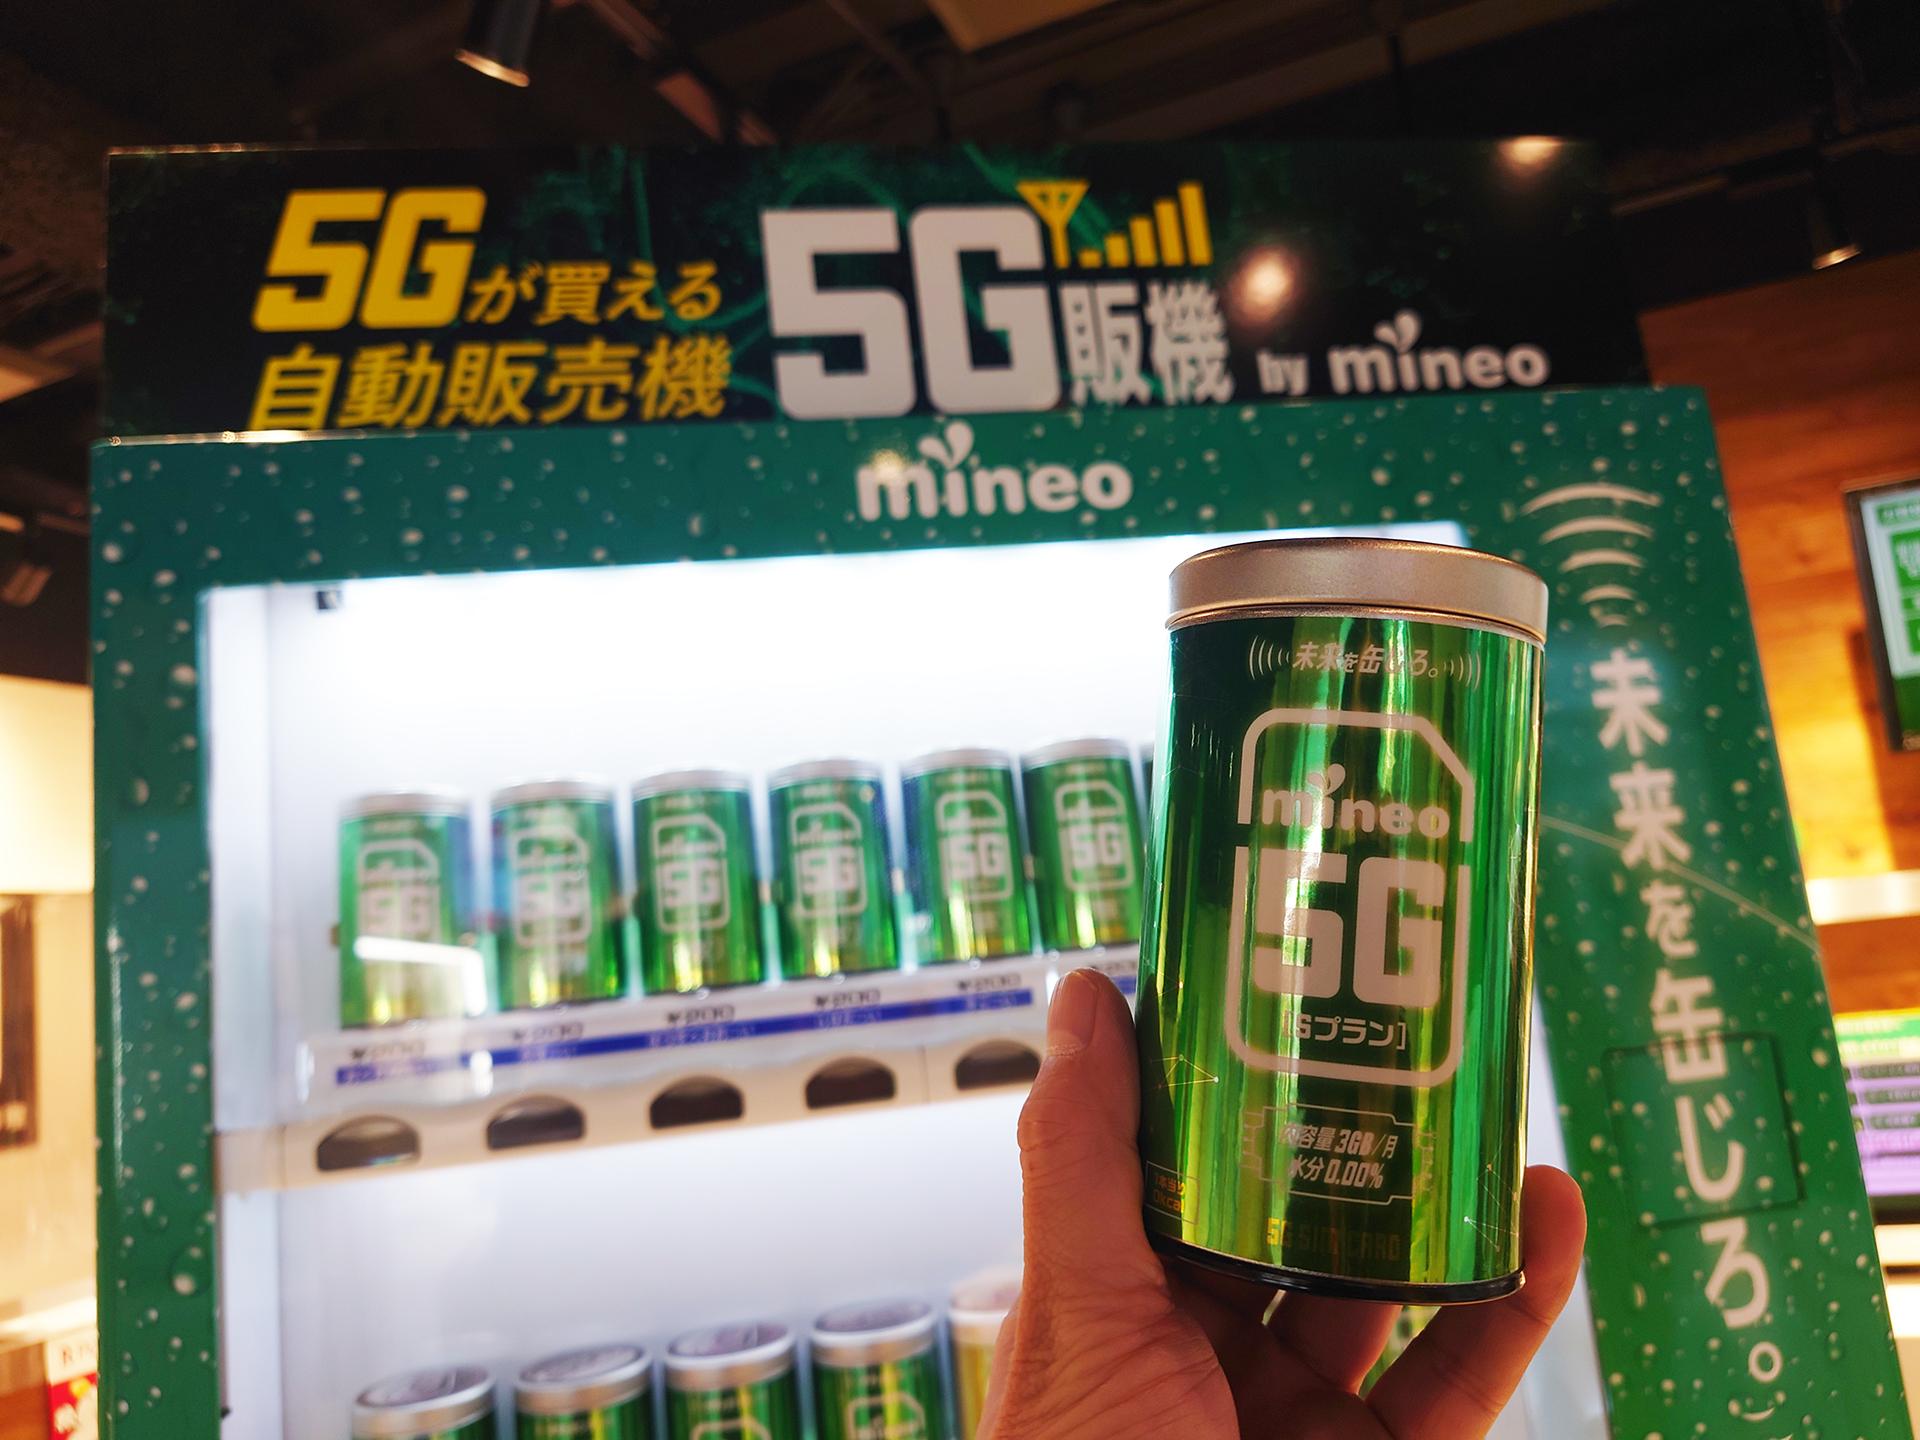 mineo_5G